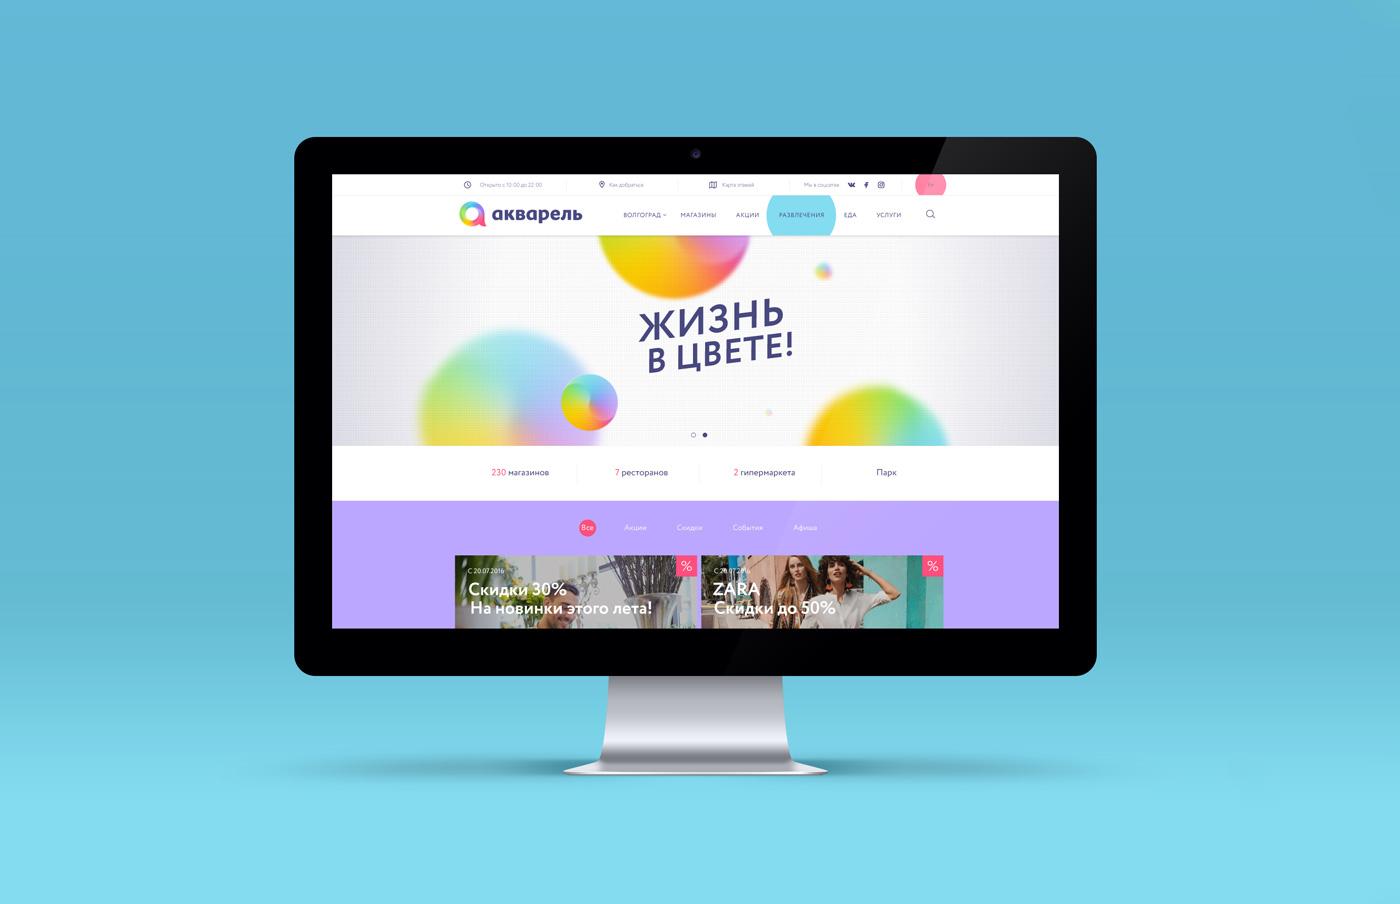 Дизайн сайта ТРЦ «Акварель»